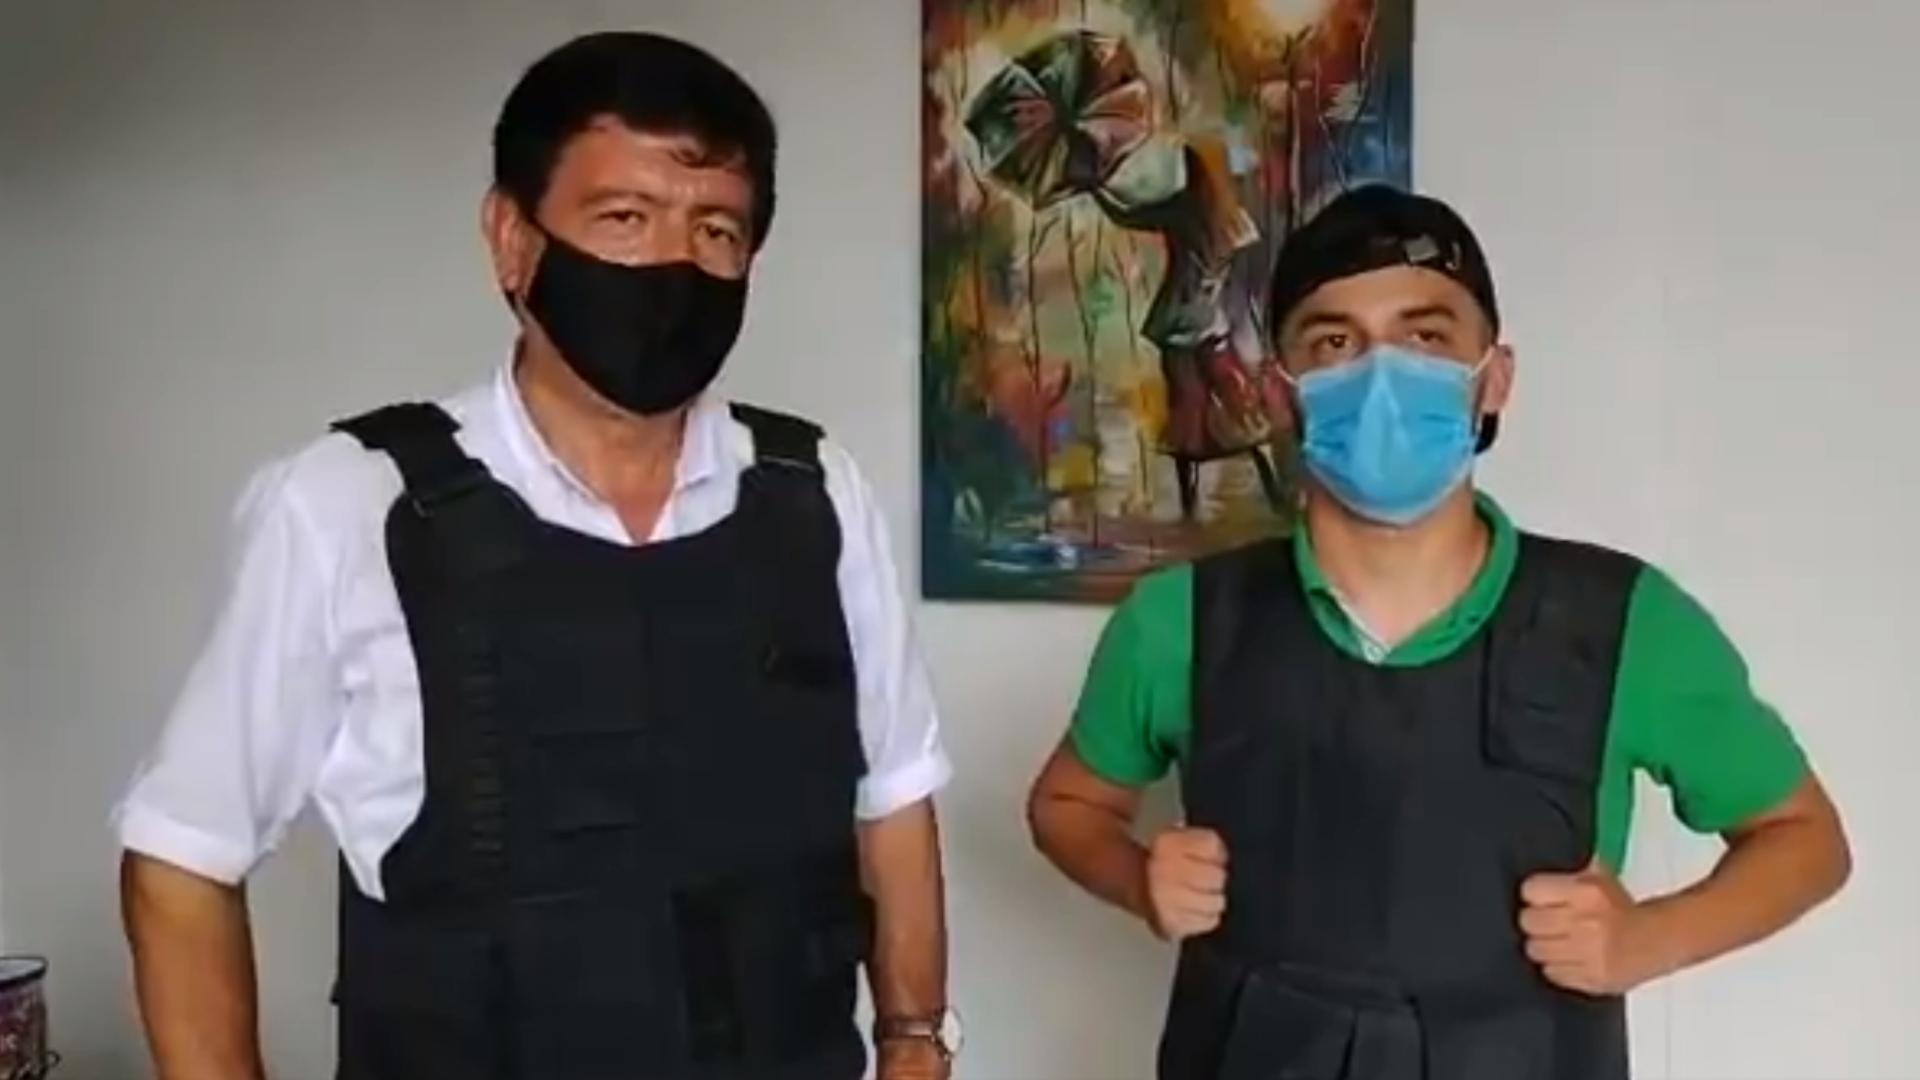 Denuncian recolecta de $30 millones para asesinar al periodista José Alberto  Tejada en Cali - Infobae